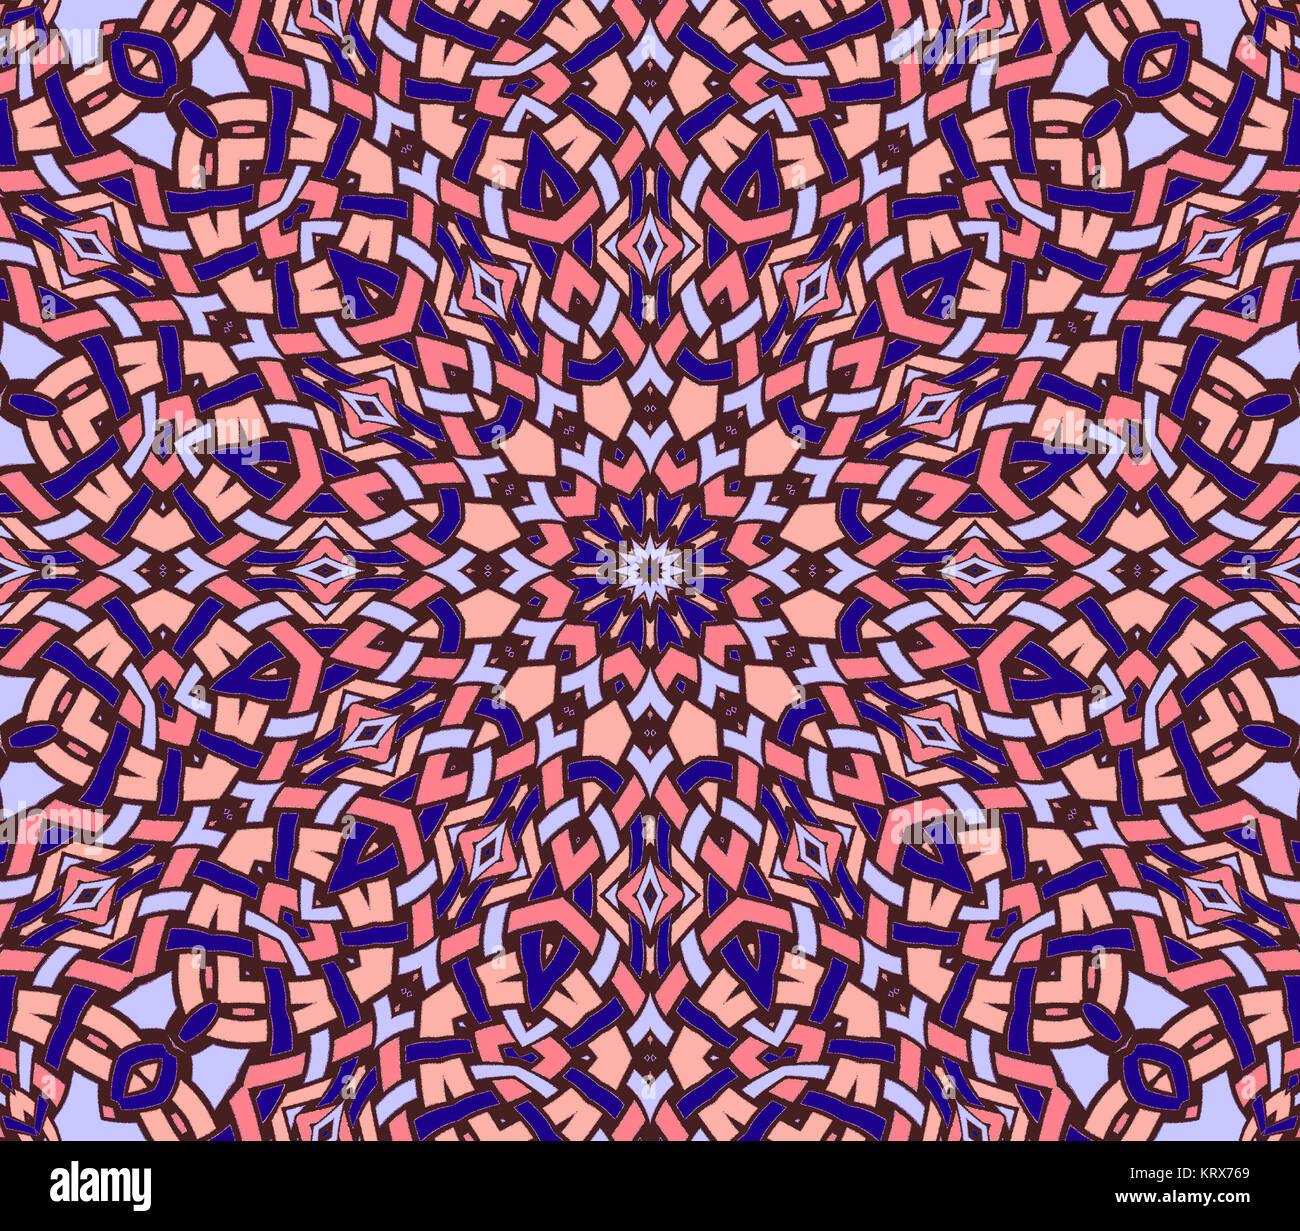 Abstrakte Geometrische Nahtlose Hintergrund Regelmassige Schwierige